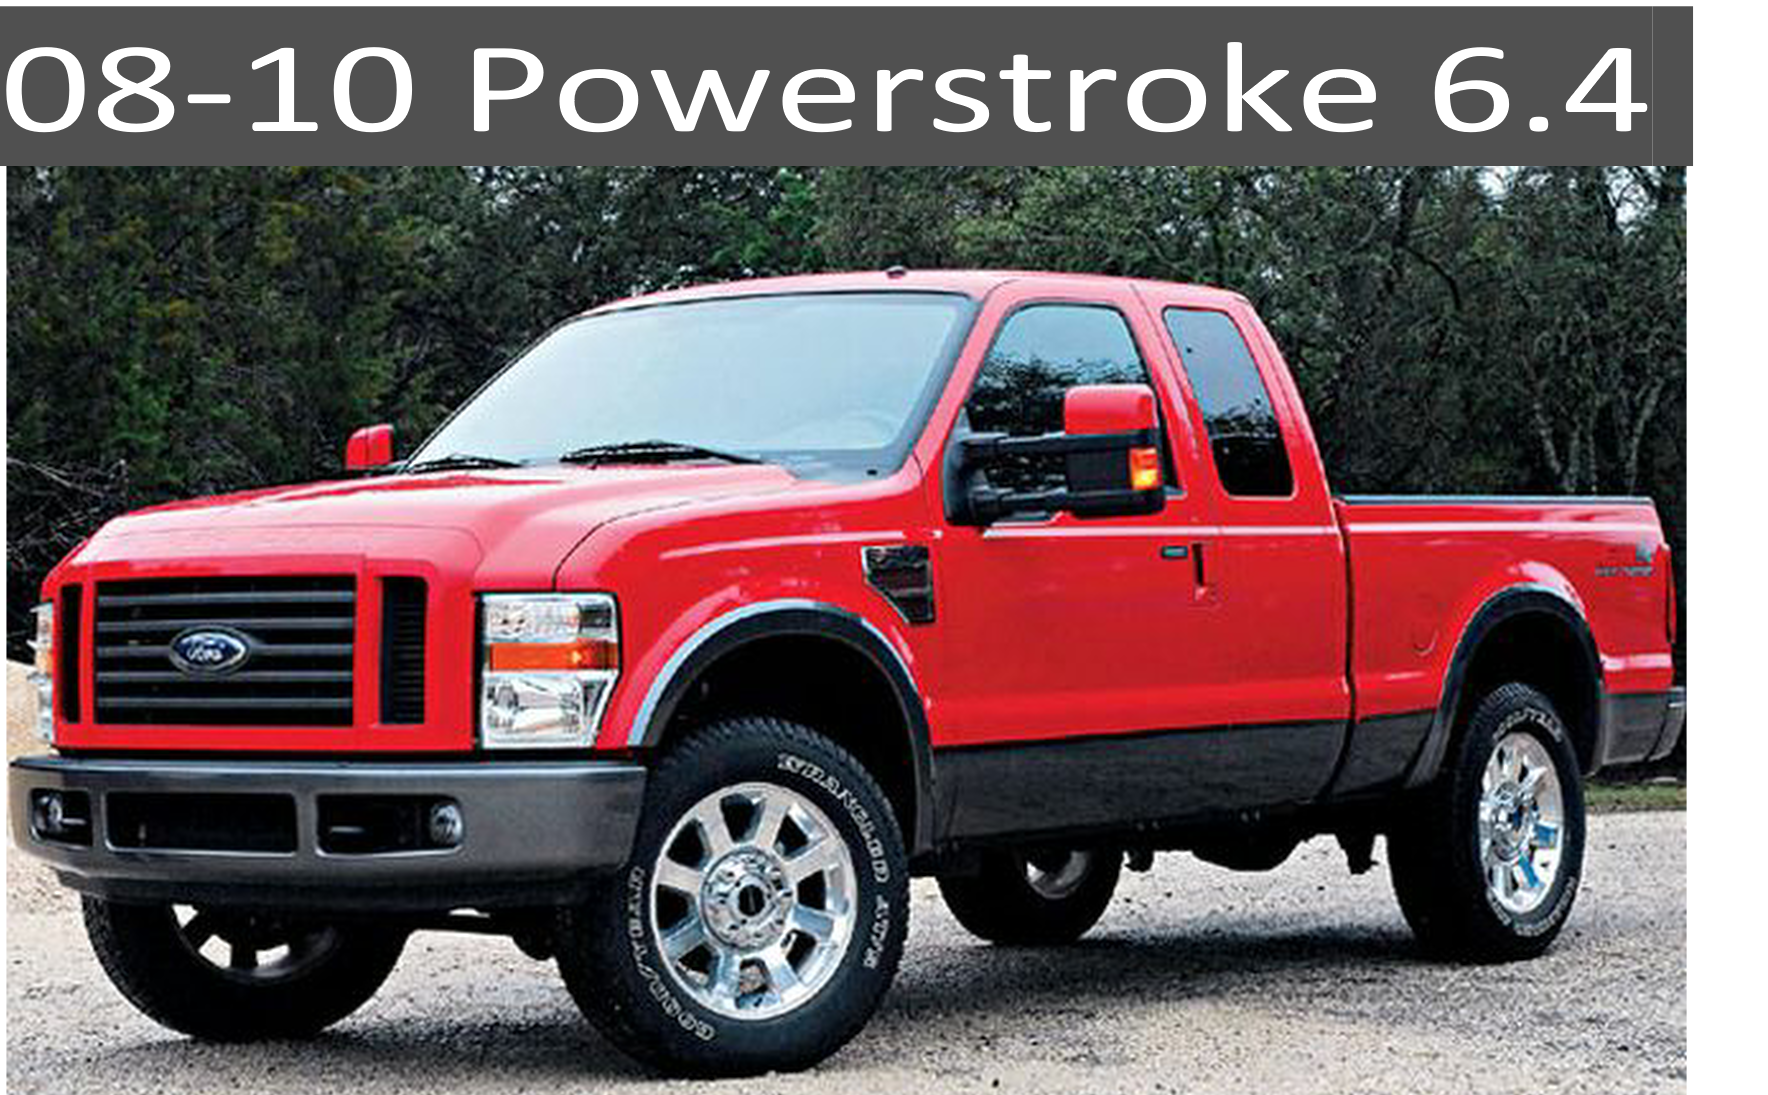 08-10 Ford 6.4 Powerstroke Diesel Parts